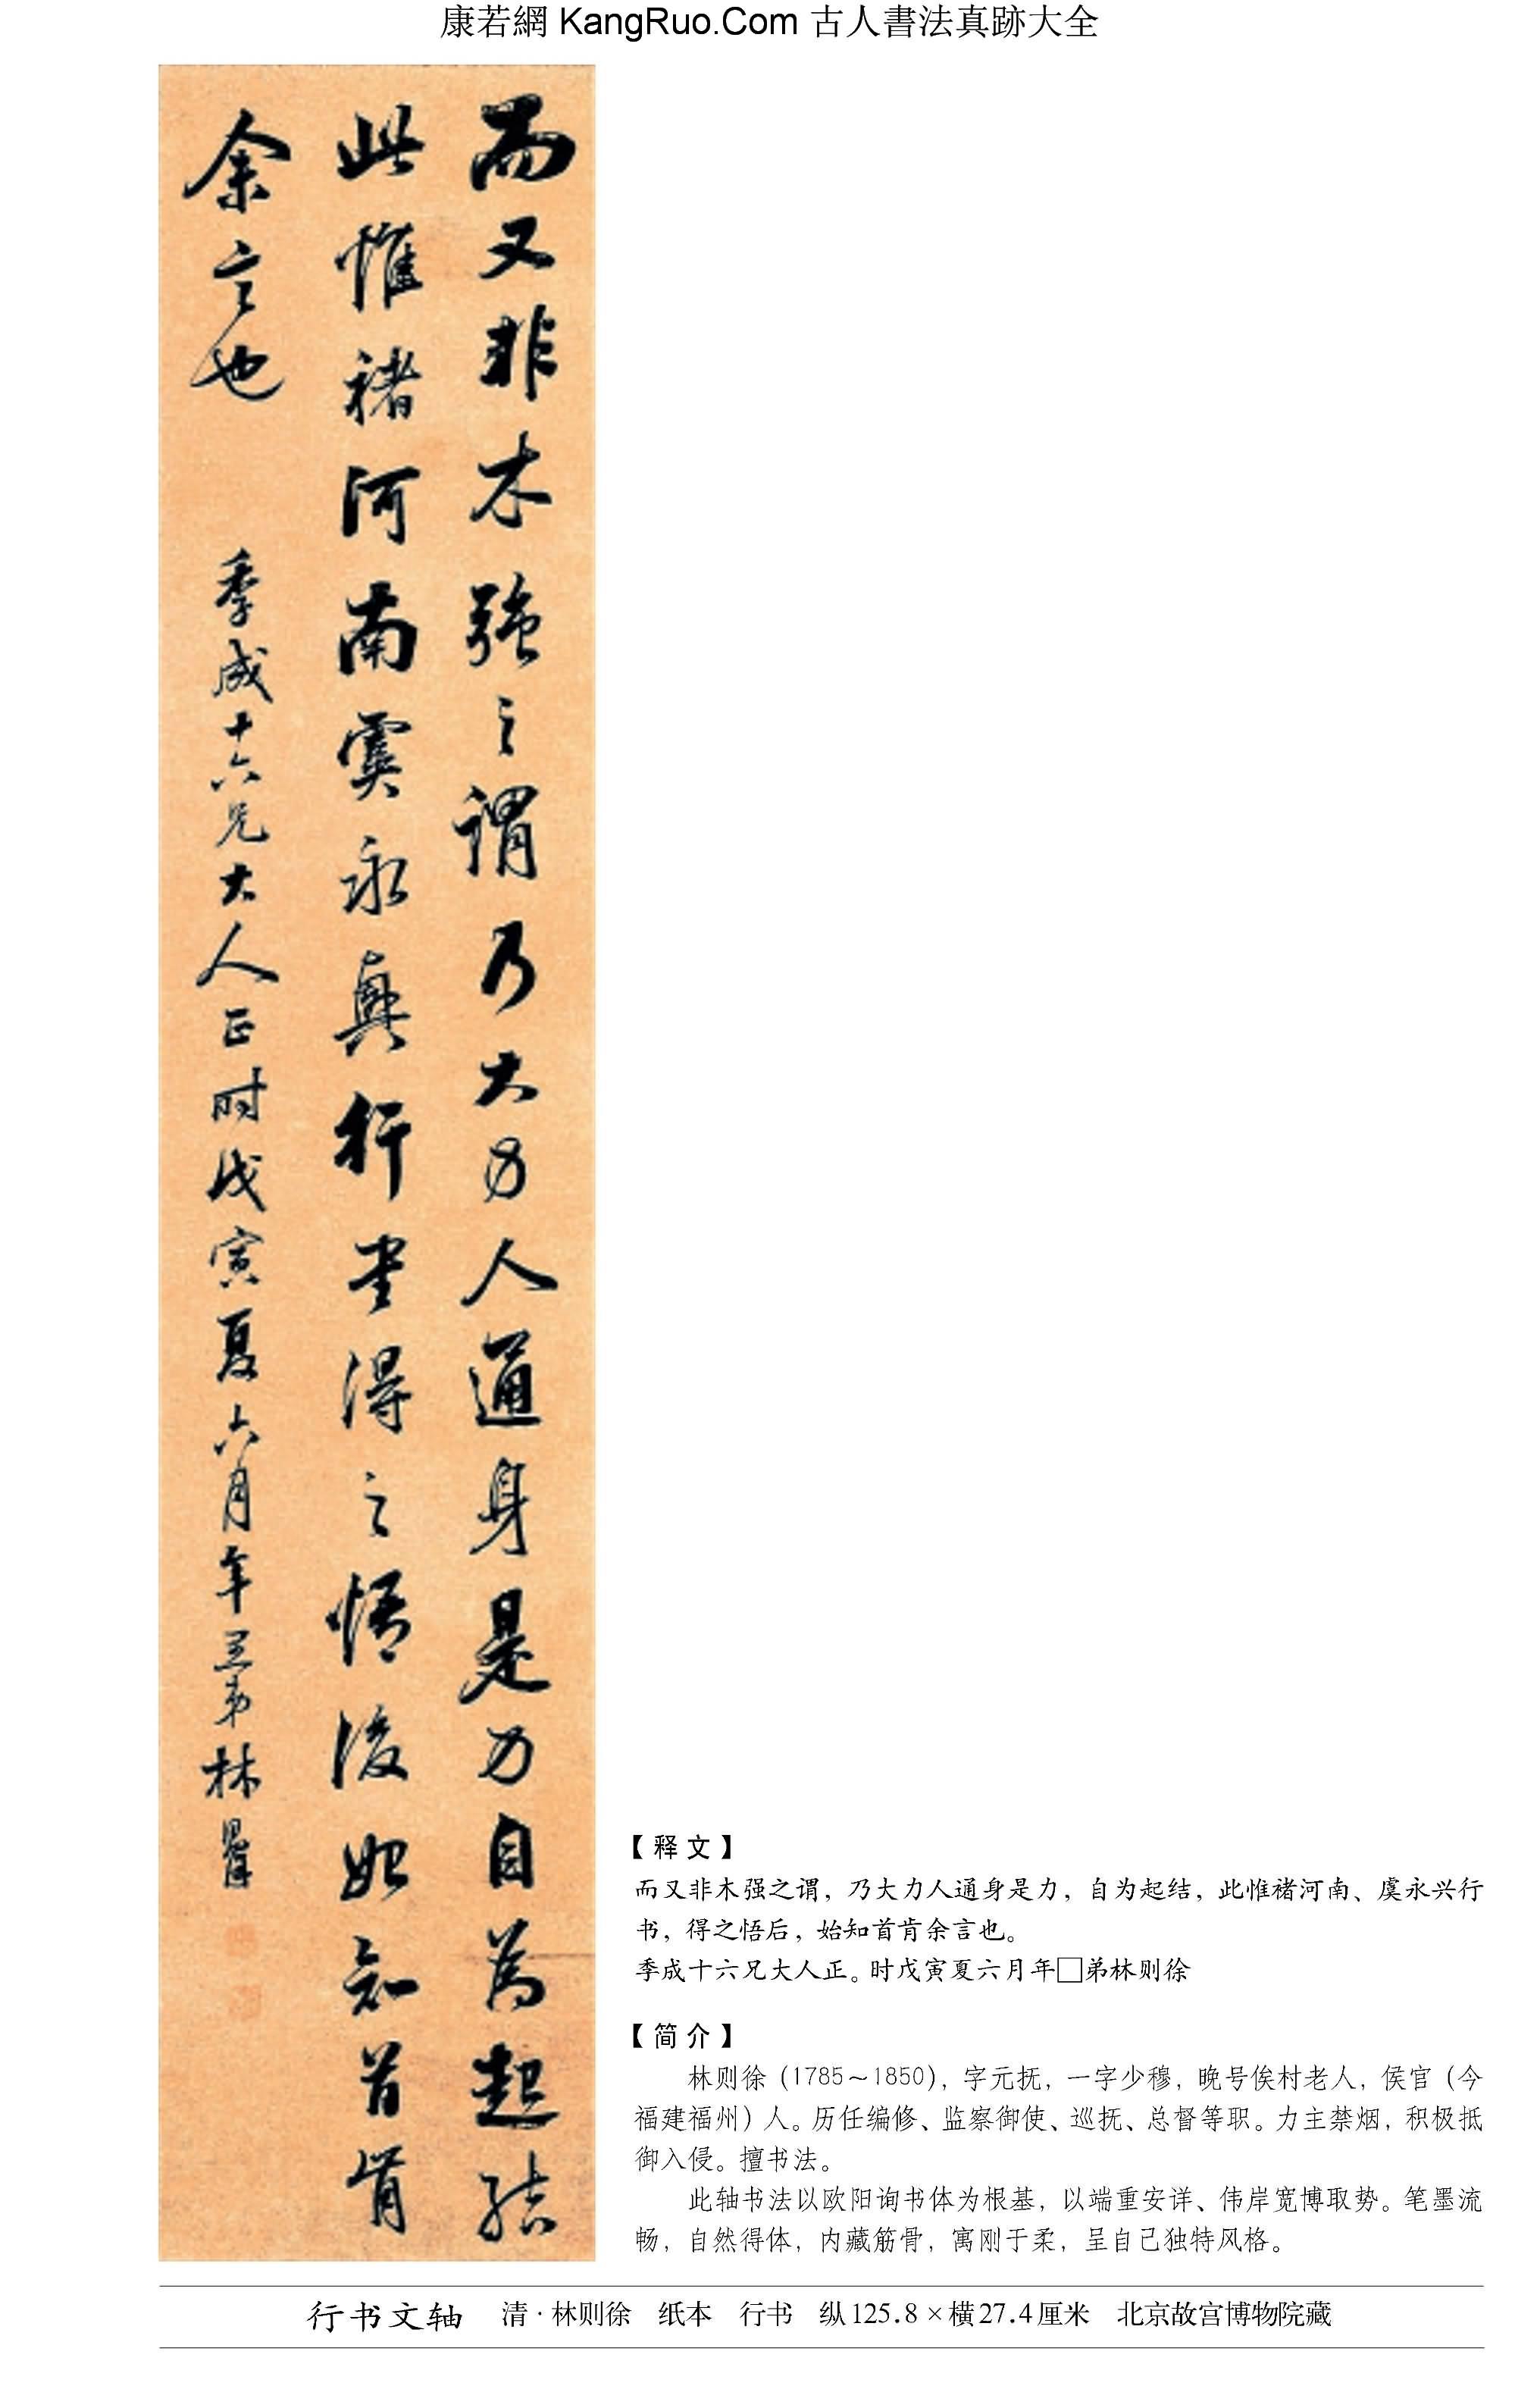 《行書文軸》書法真跡【清朝·林則徐】_00230